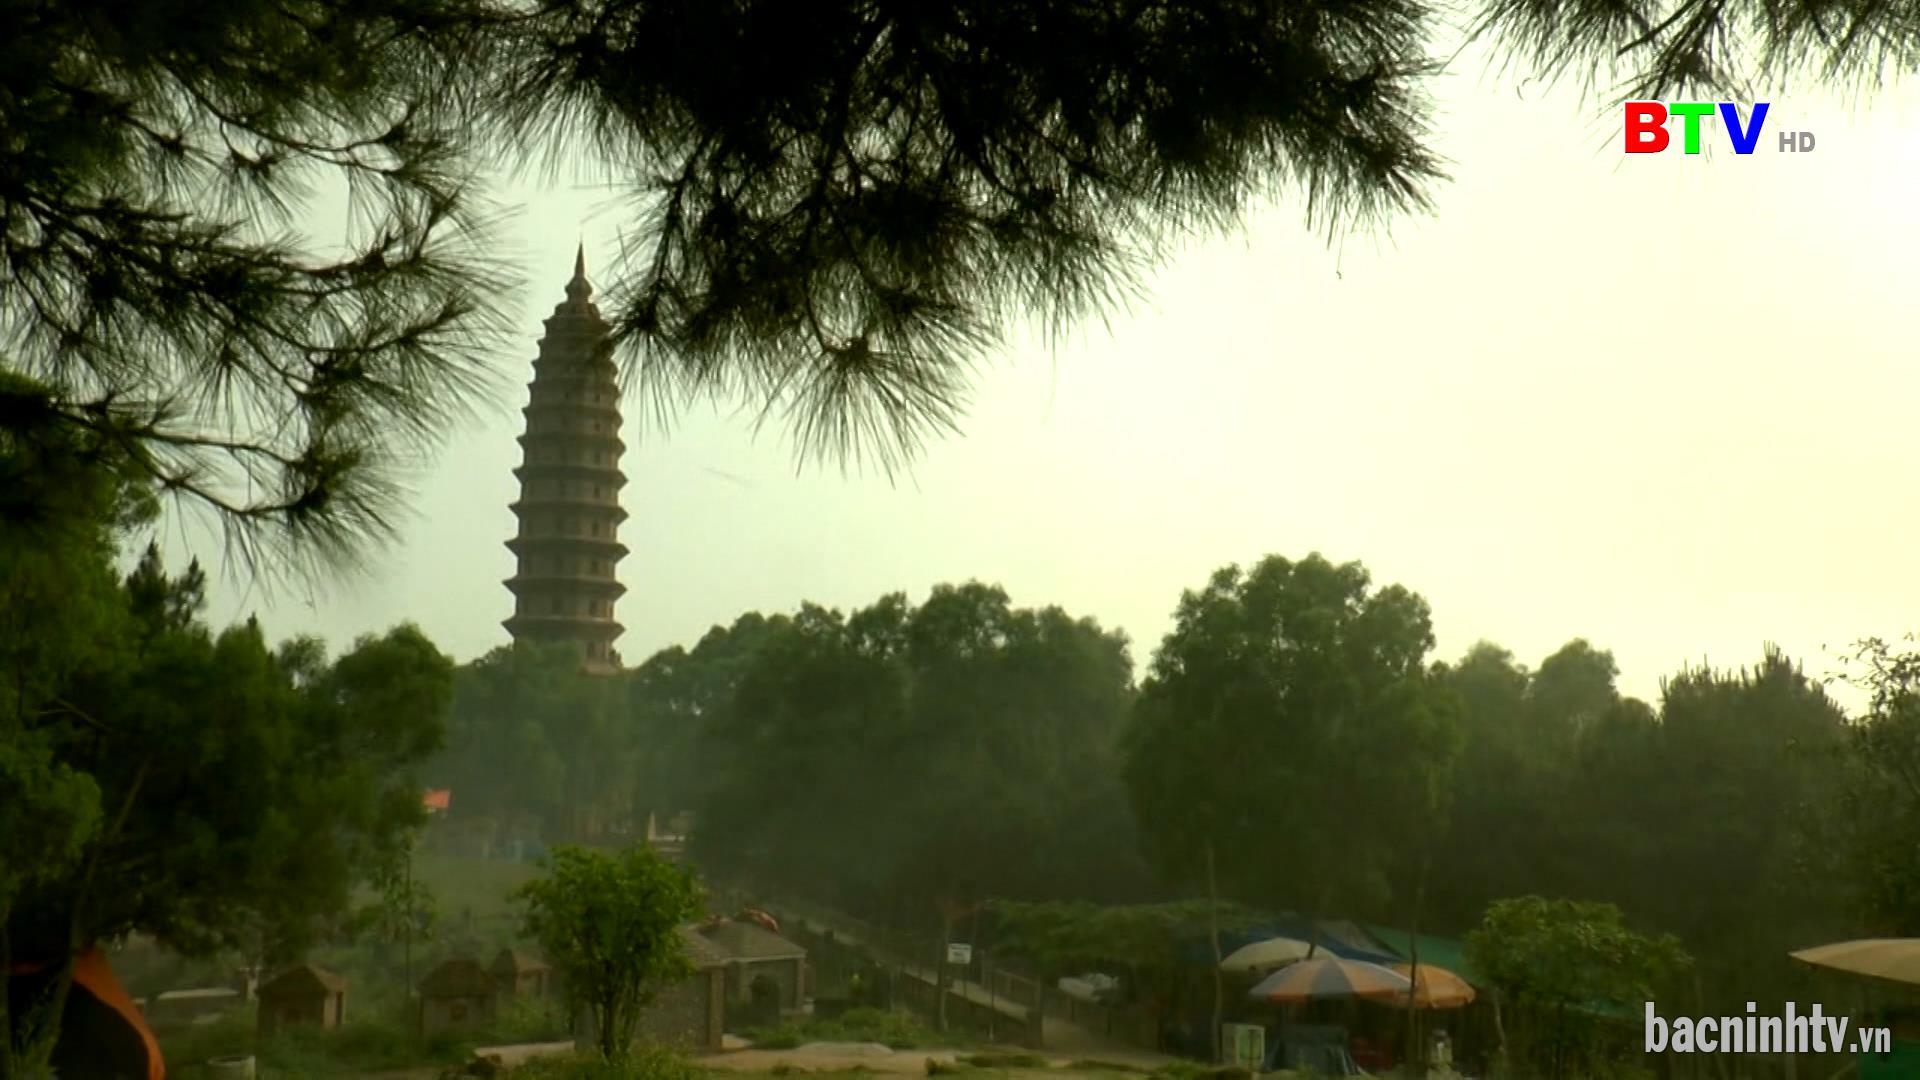 Hội thảo khoa học về Di sản văn hóa chùa tháp ở Bắc Ninh